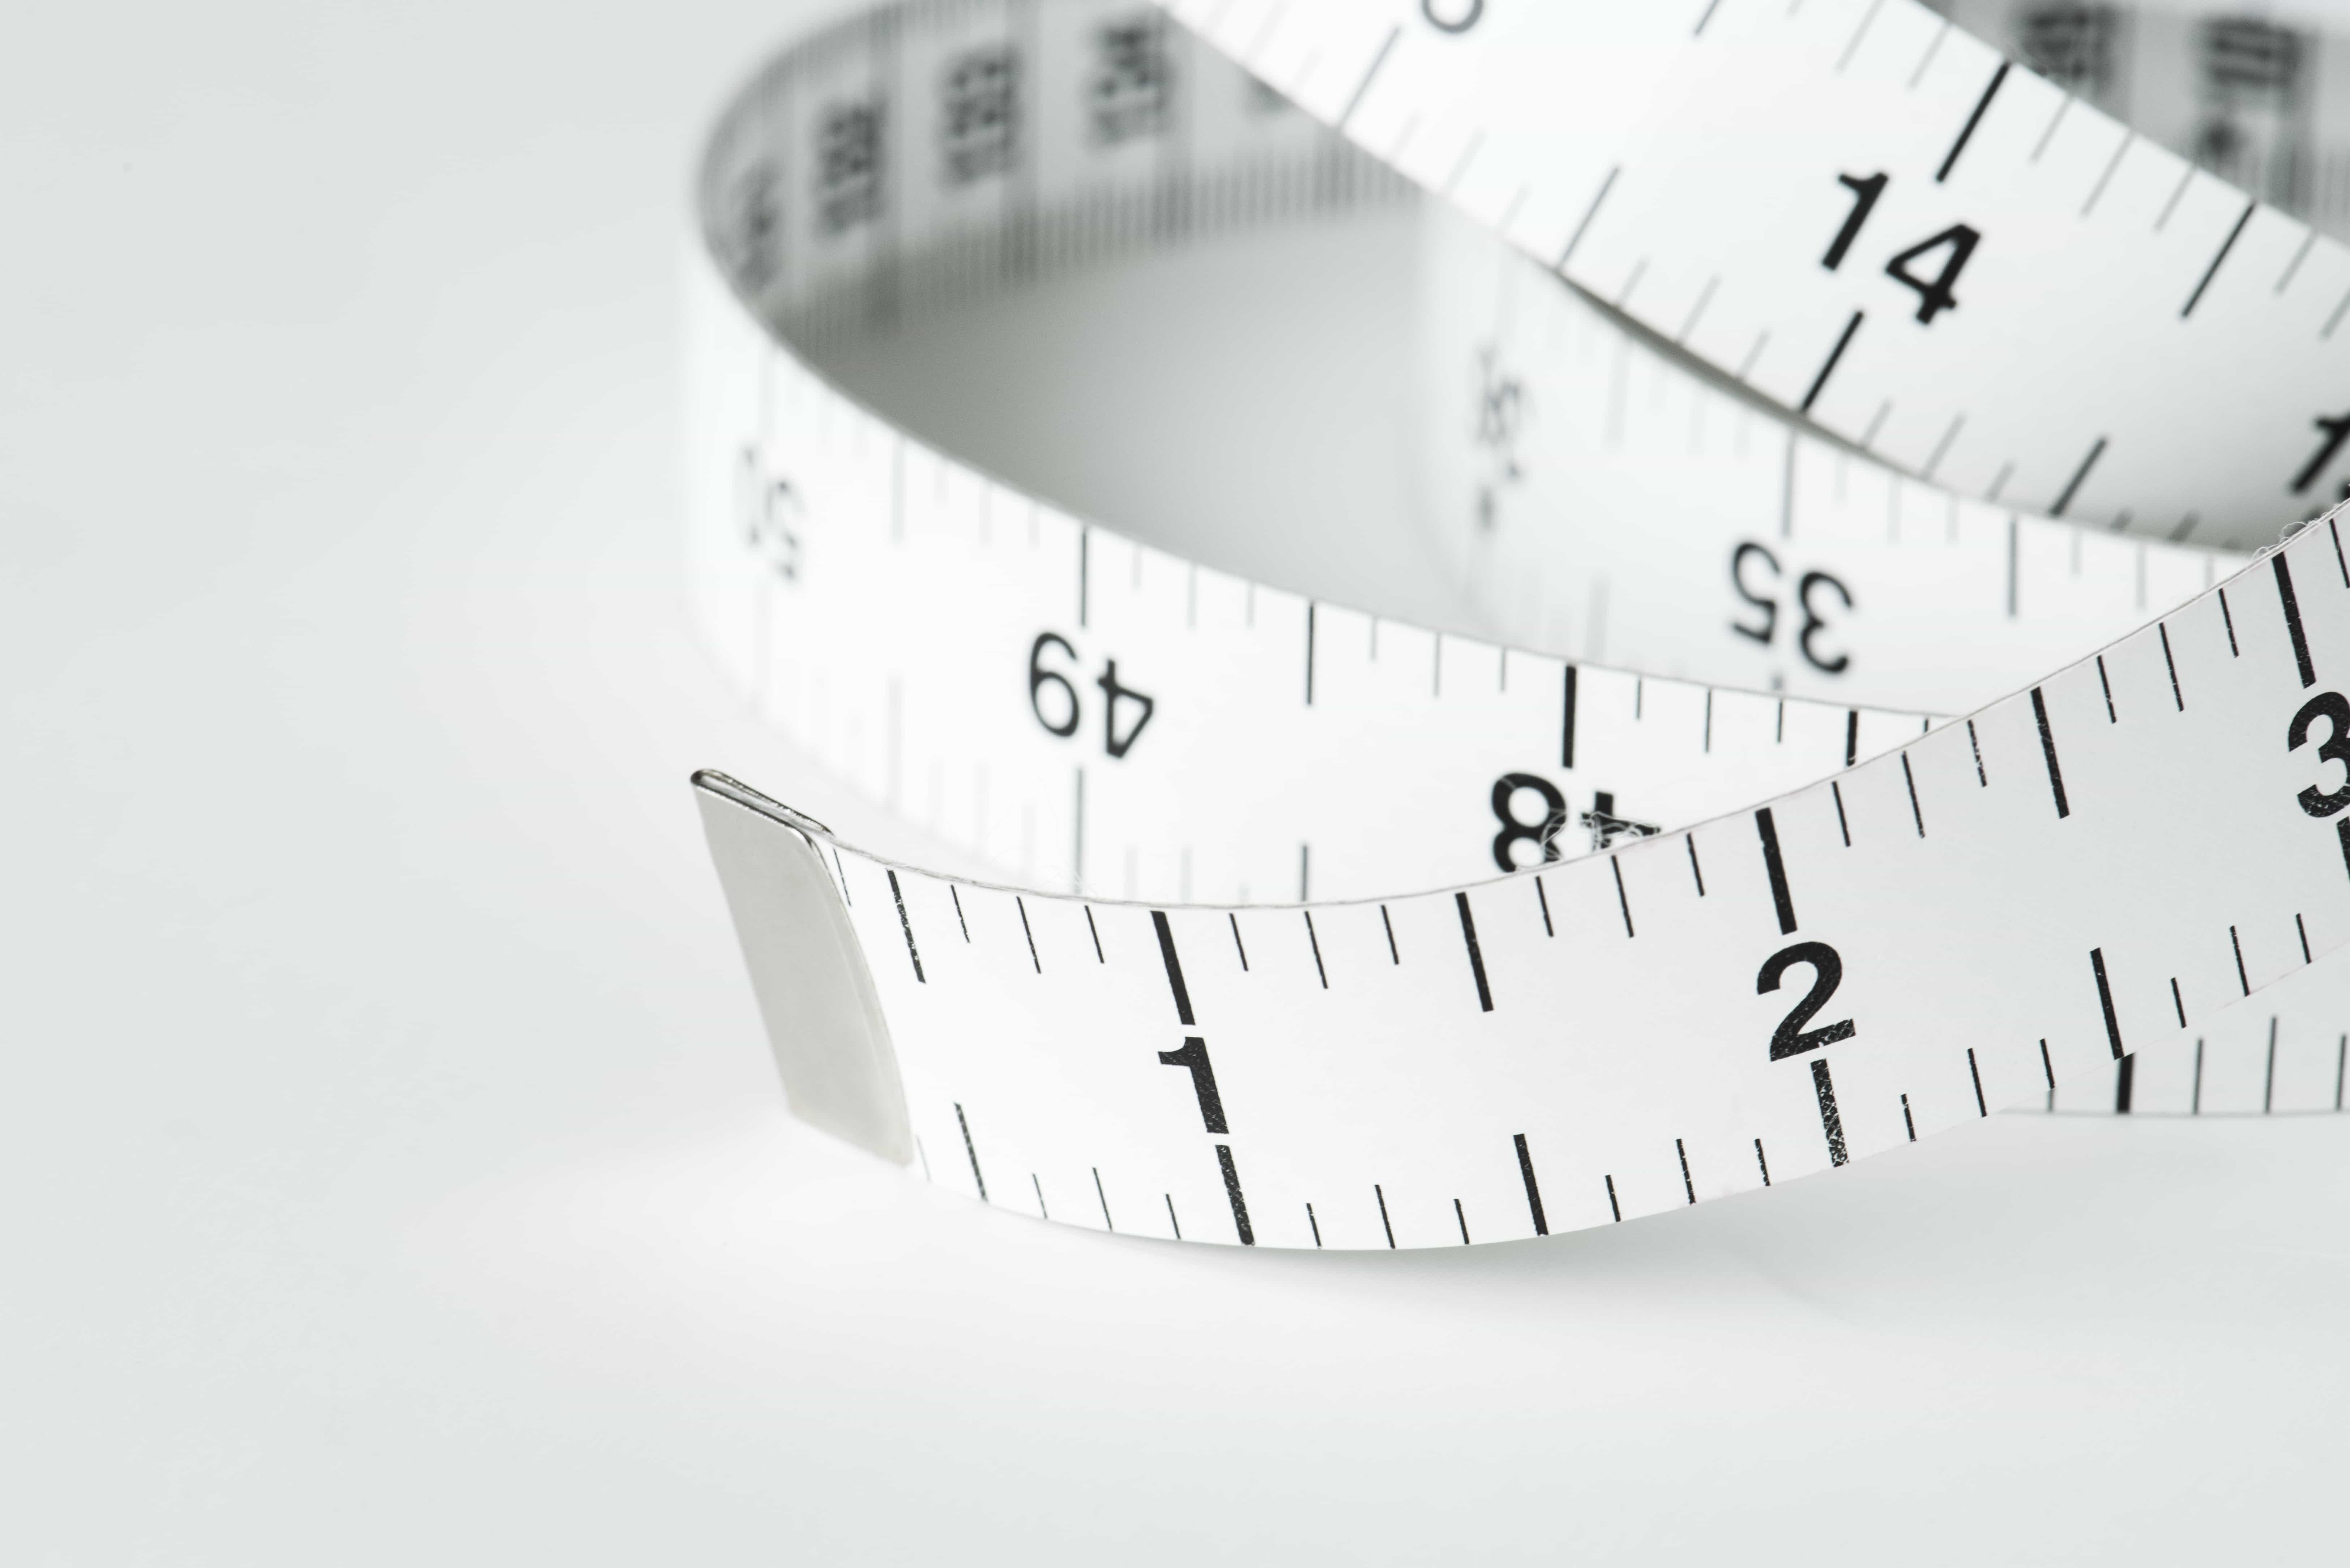 creșterea normală a penisului măriți exercițiile penisului acasă